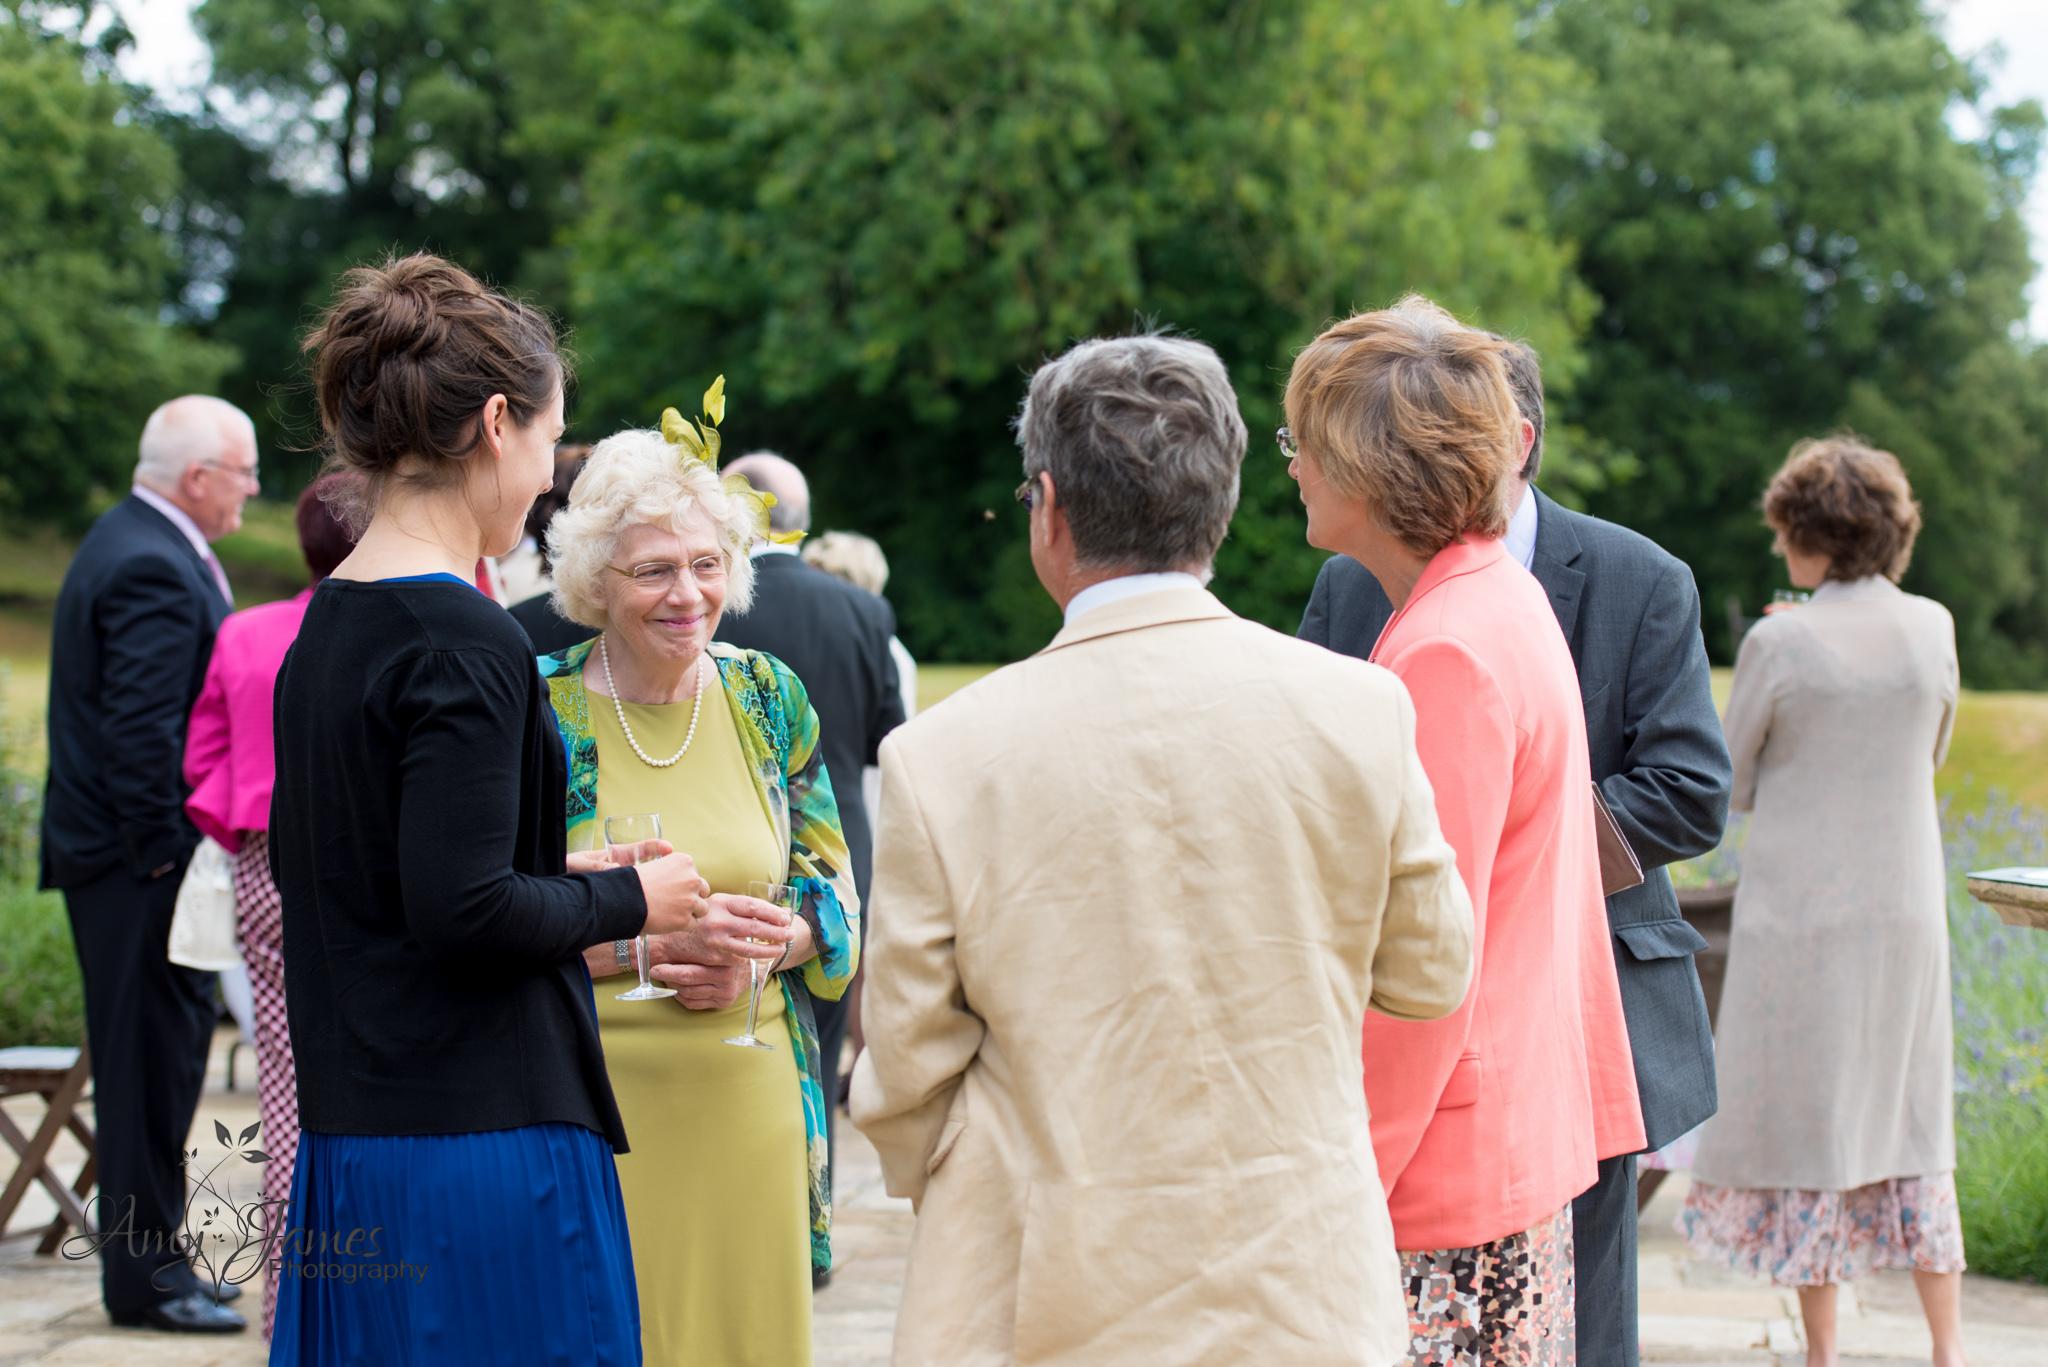 Hampshire wedding photographer // Fleet wedding photographer // Countryside wedding // Boughton Monchelsea wedding